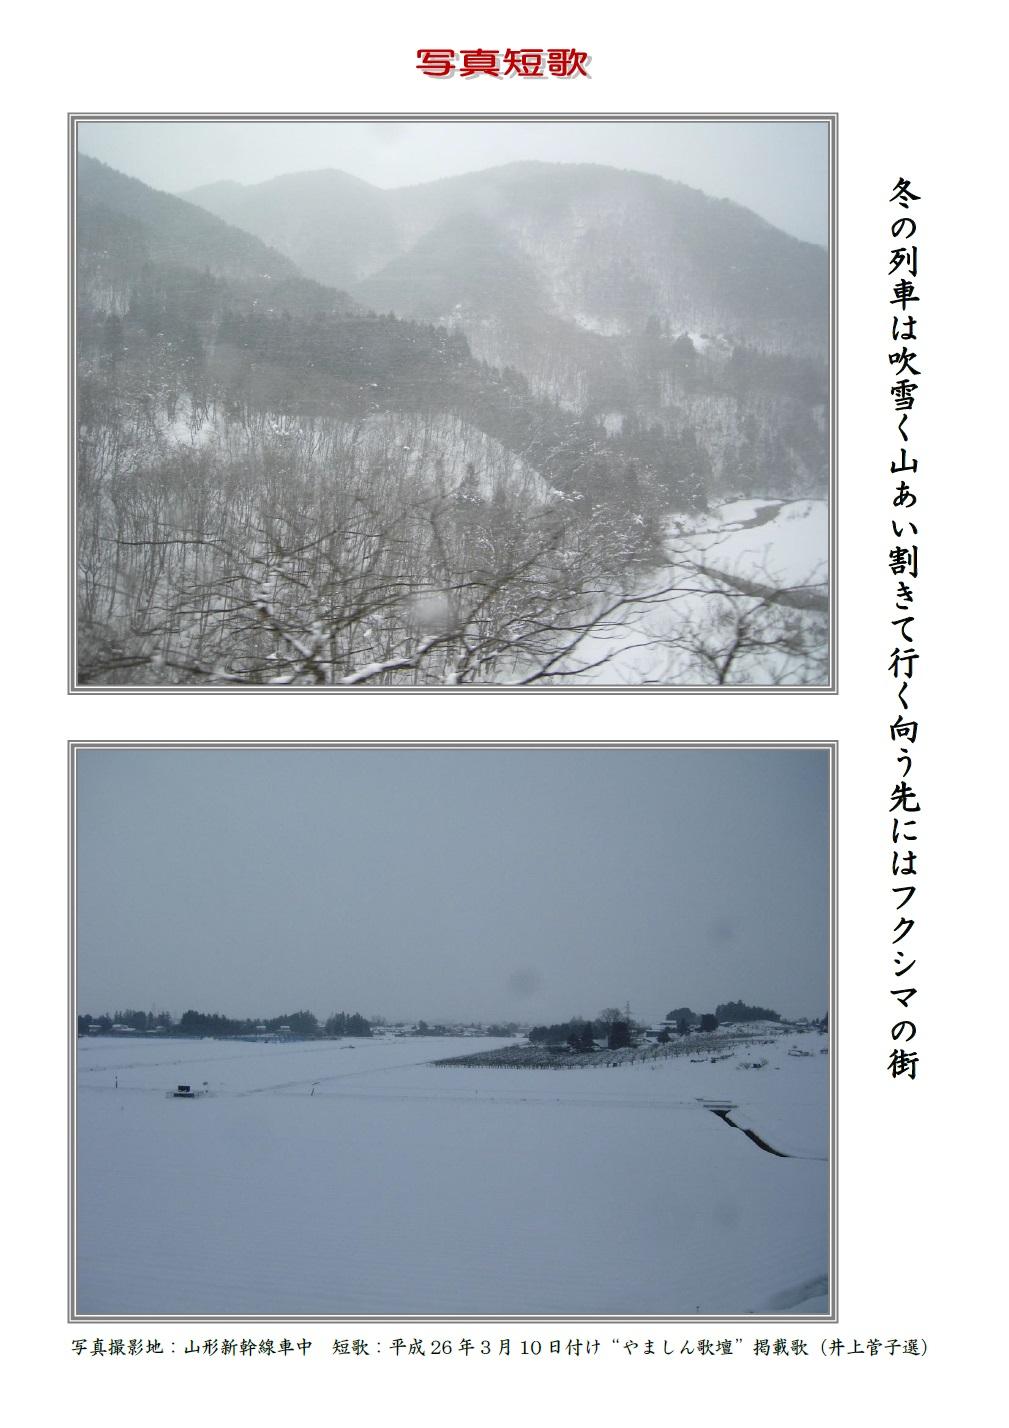 冬の列車は吹雪く山あい割きて行く向う先にはフクシマの街